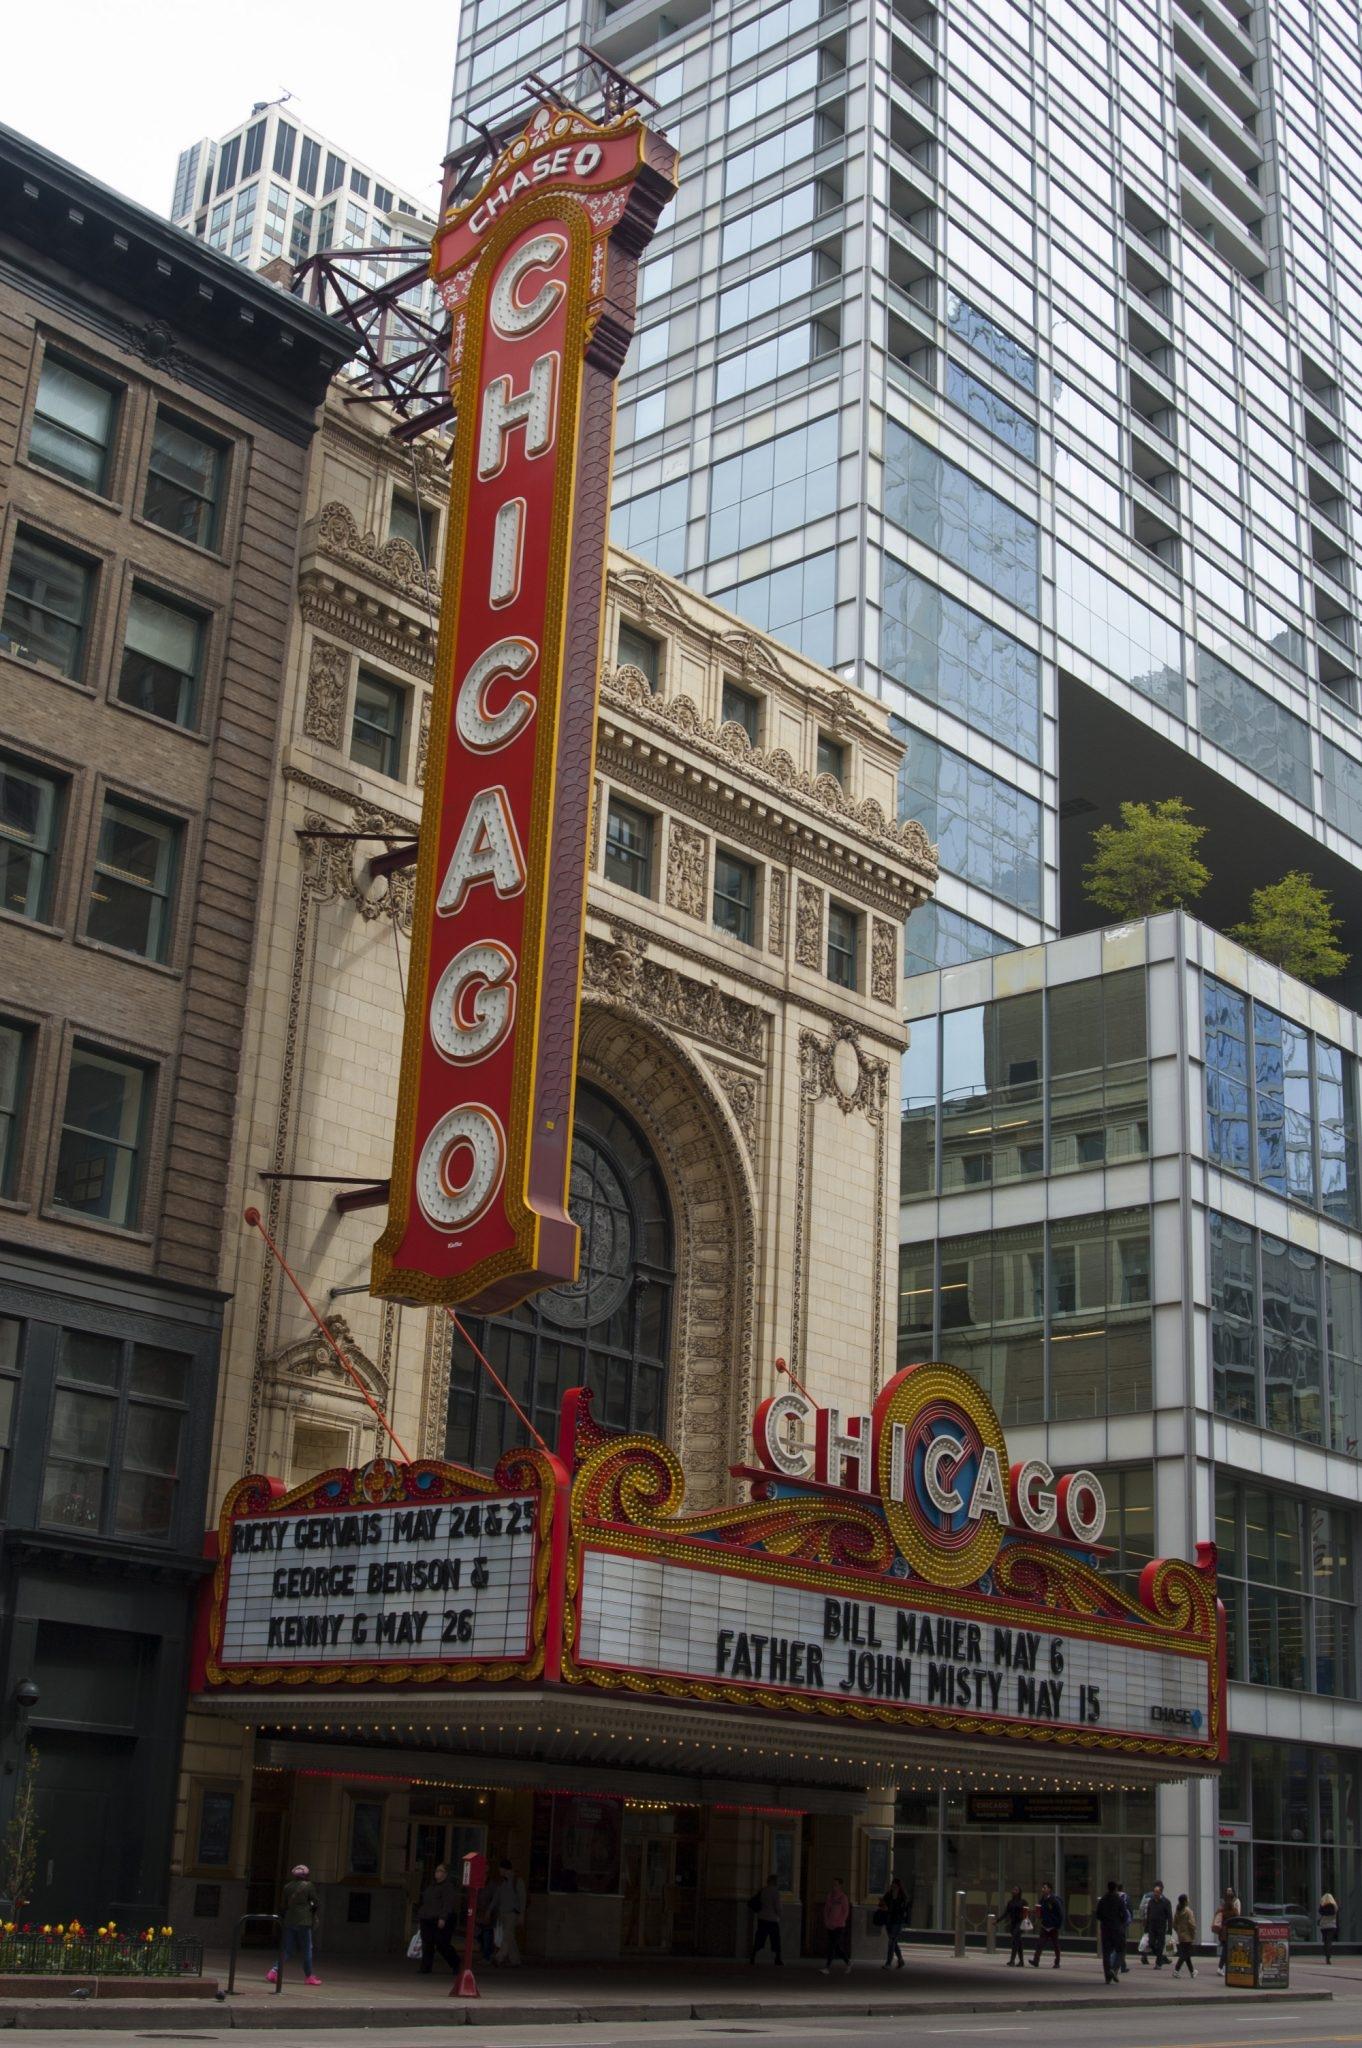 Chicago Theater Przewodnik po Chicago atrakcje zwiedzanie co zobaczyć